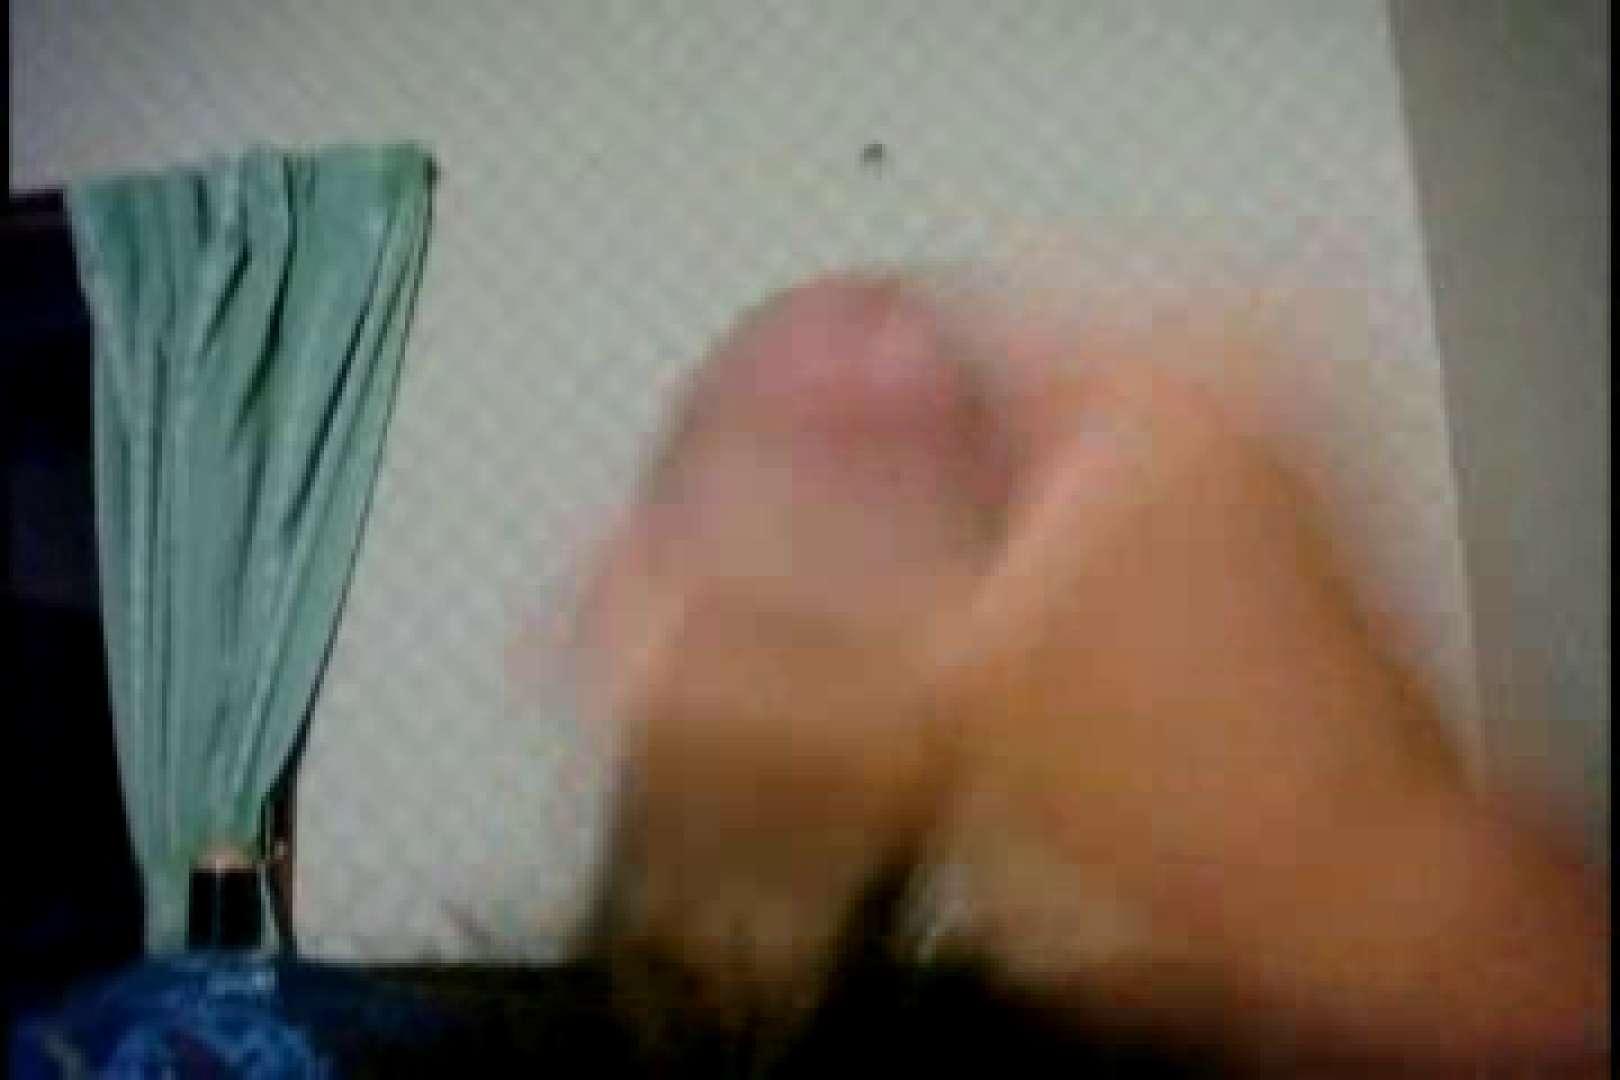 オナ好きノンケテニス部員の自画撮り投稿vol.03 無修正 | 射精天国 エロビデオ紹介 62pic 29